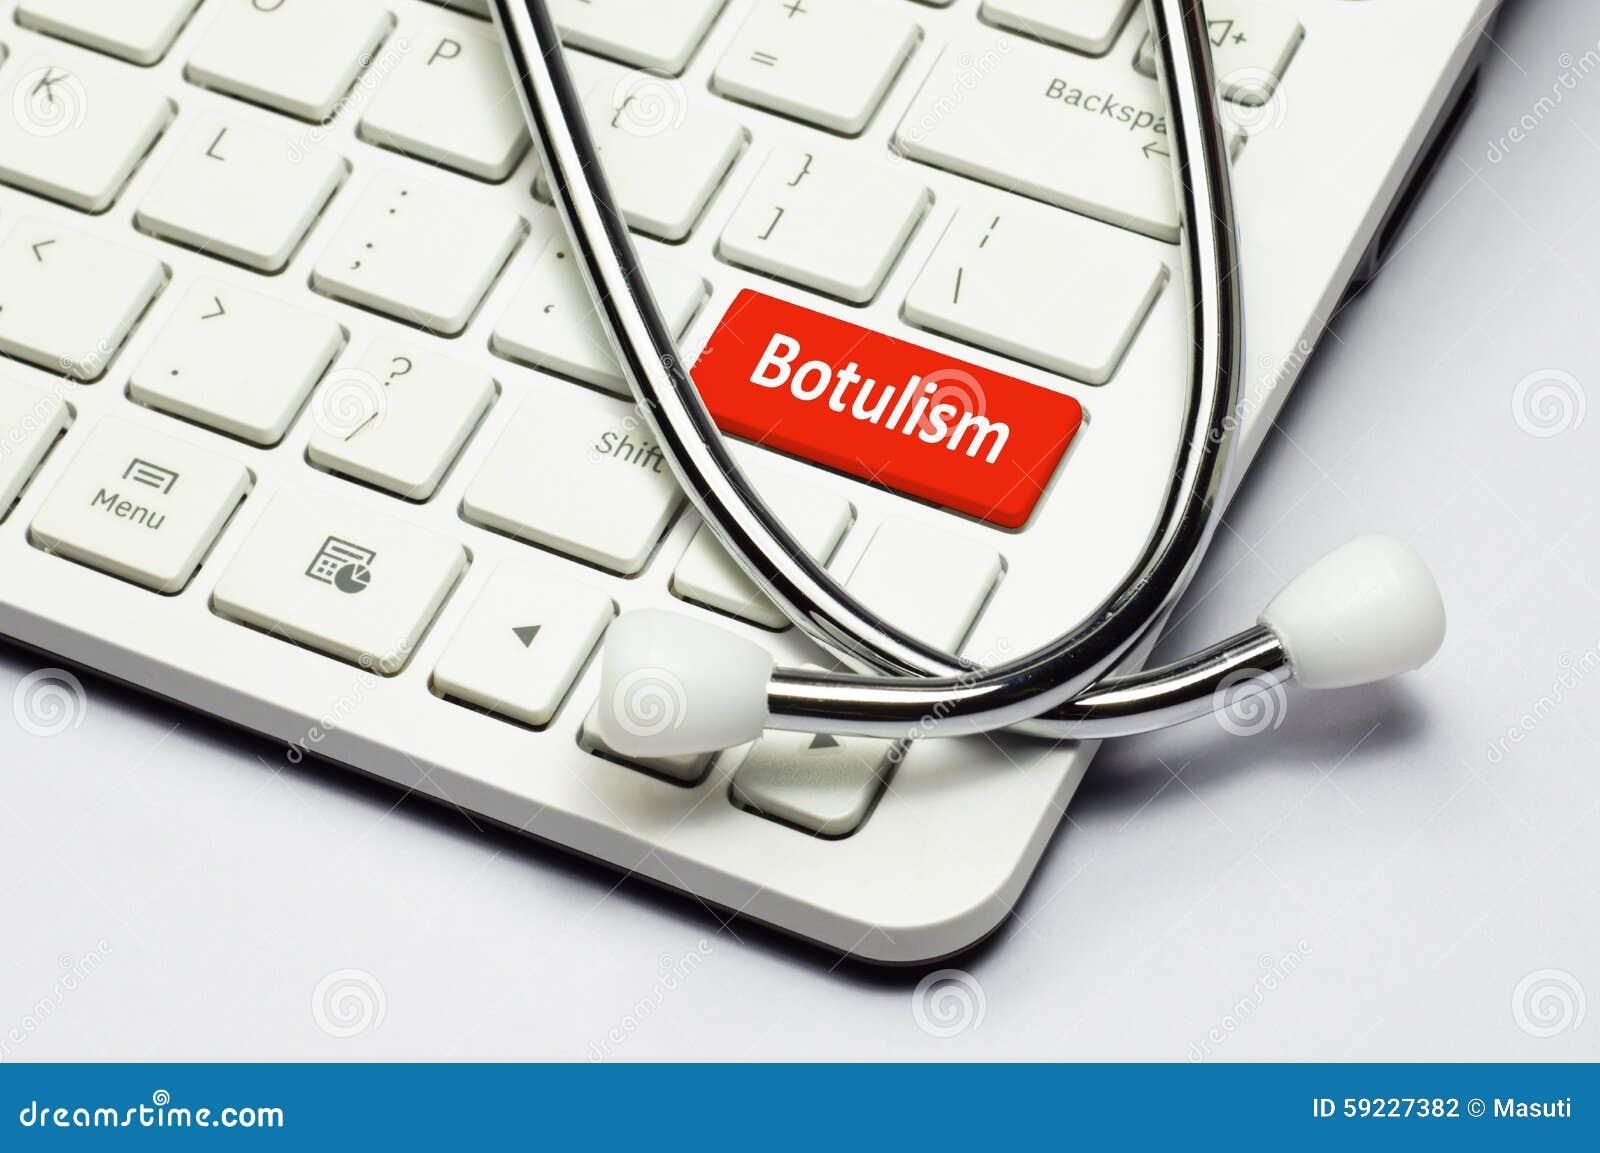 Texto del teclado, del botulismo y estetoscopio